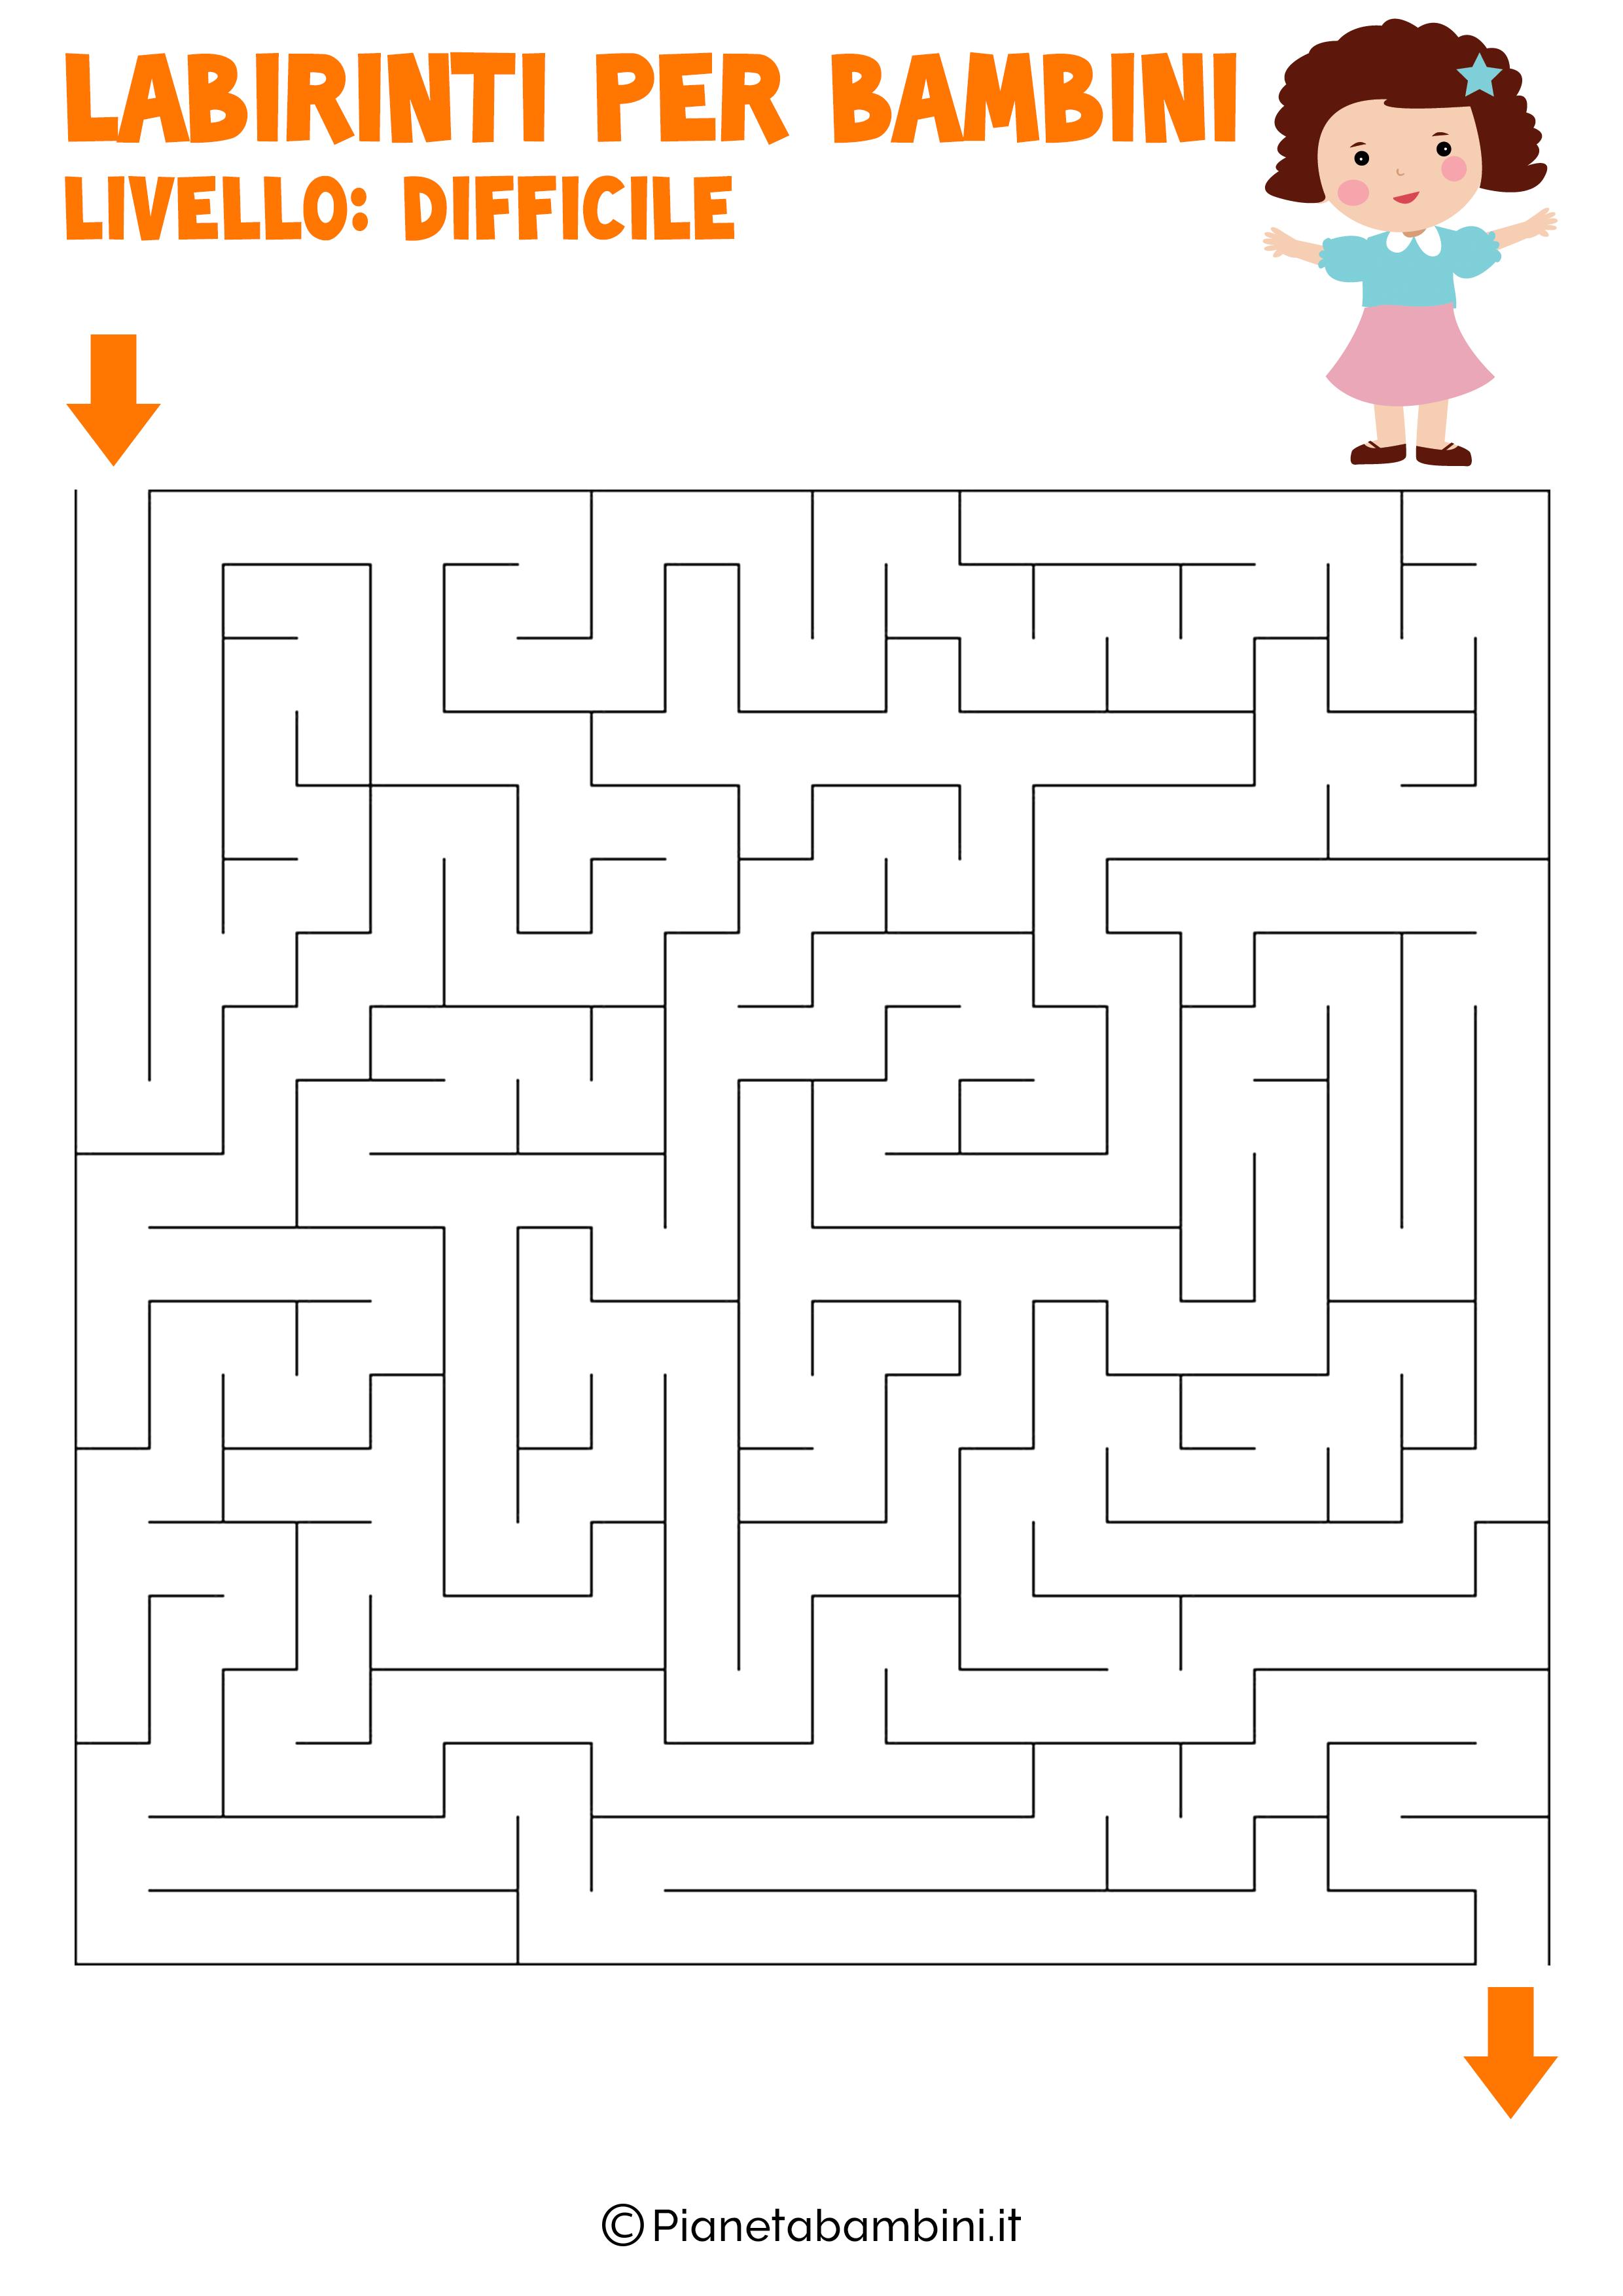 Labirinto difficile per bambini numero 10